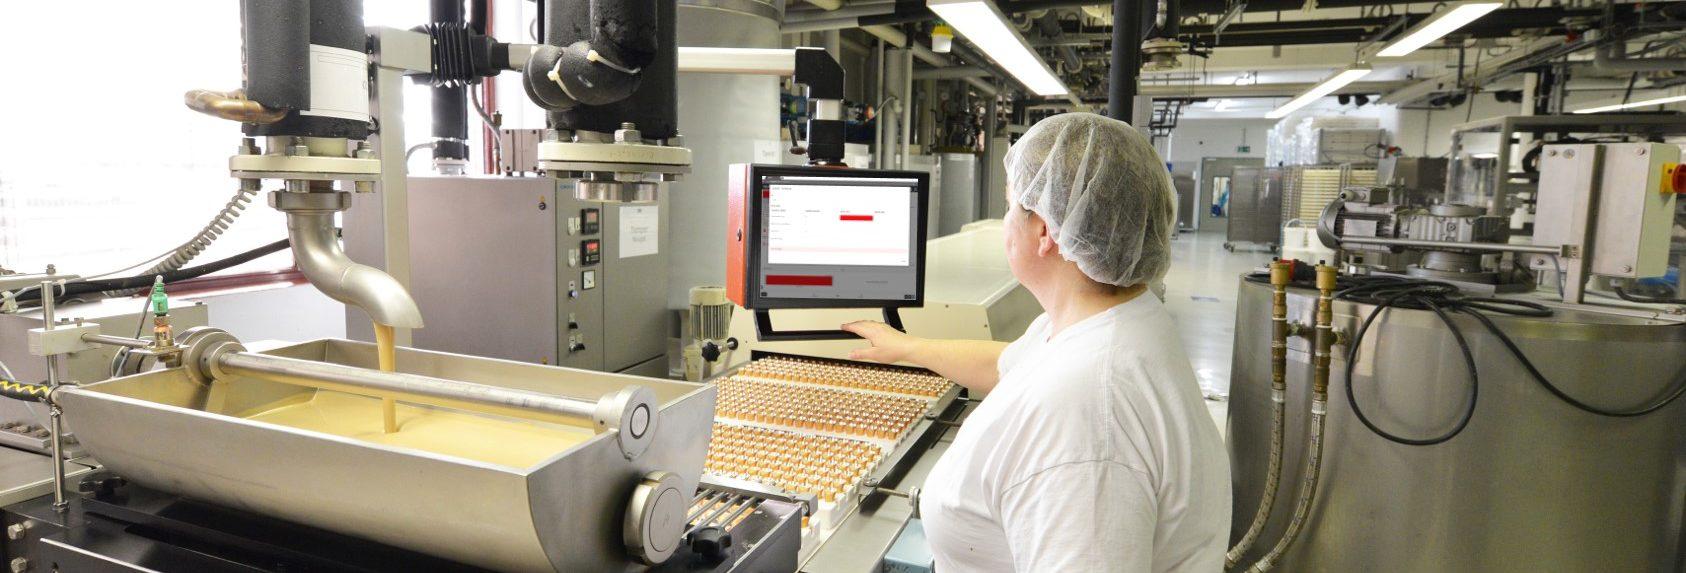 Faciliter la traçabilité industrielle avec le logiciel MES